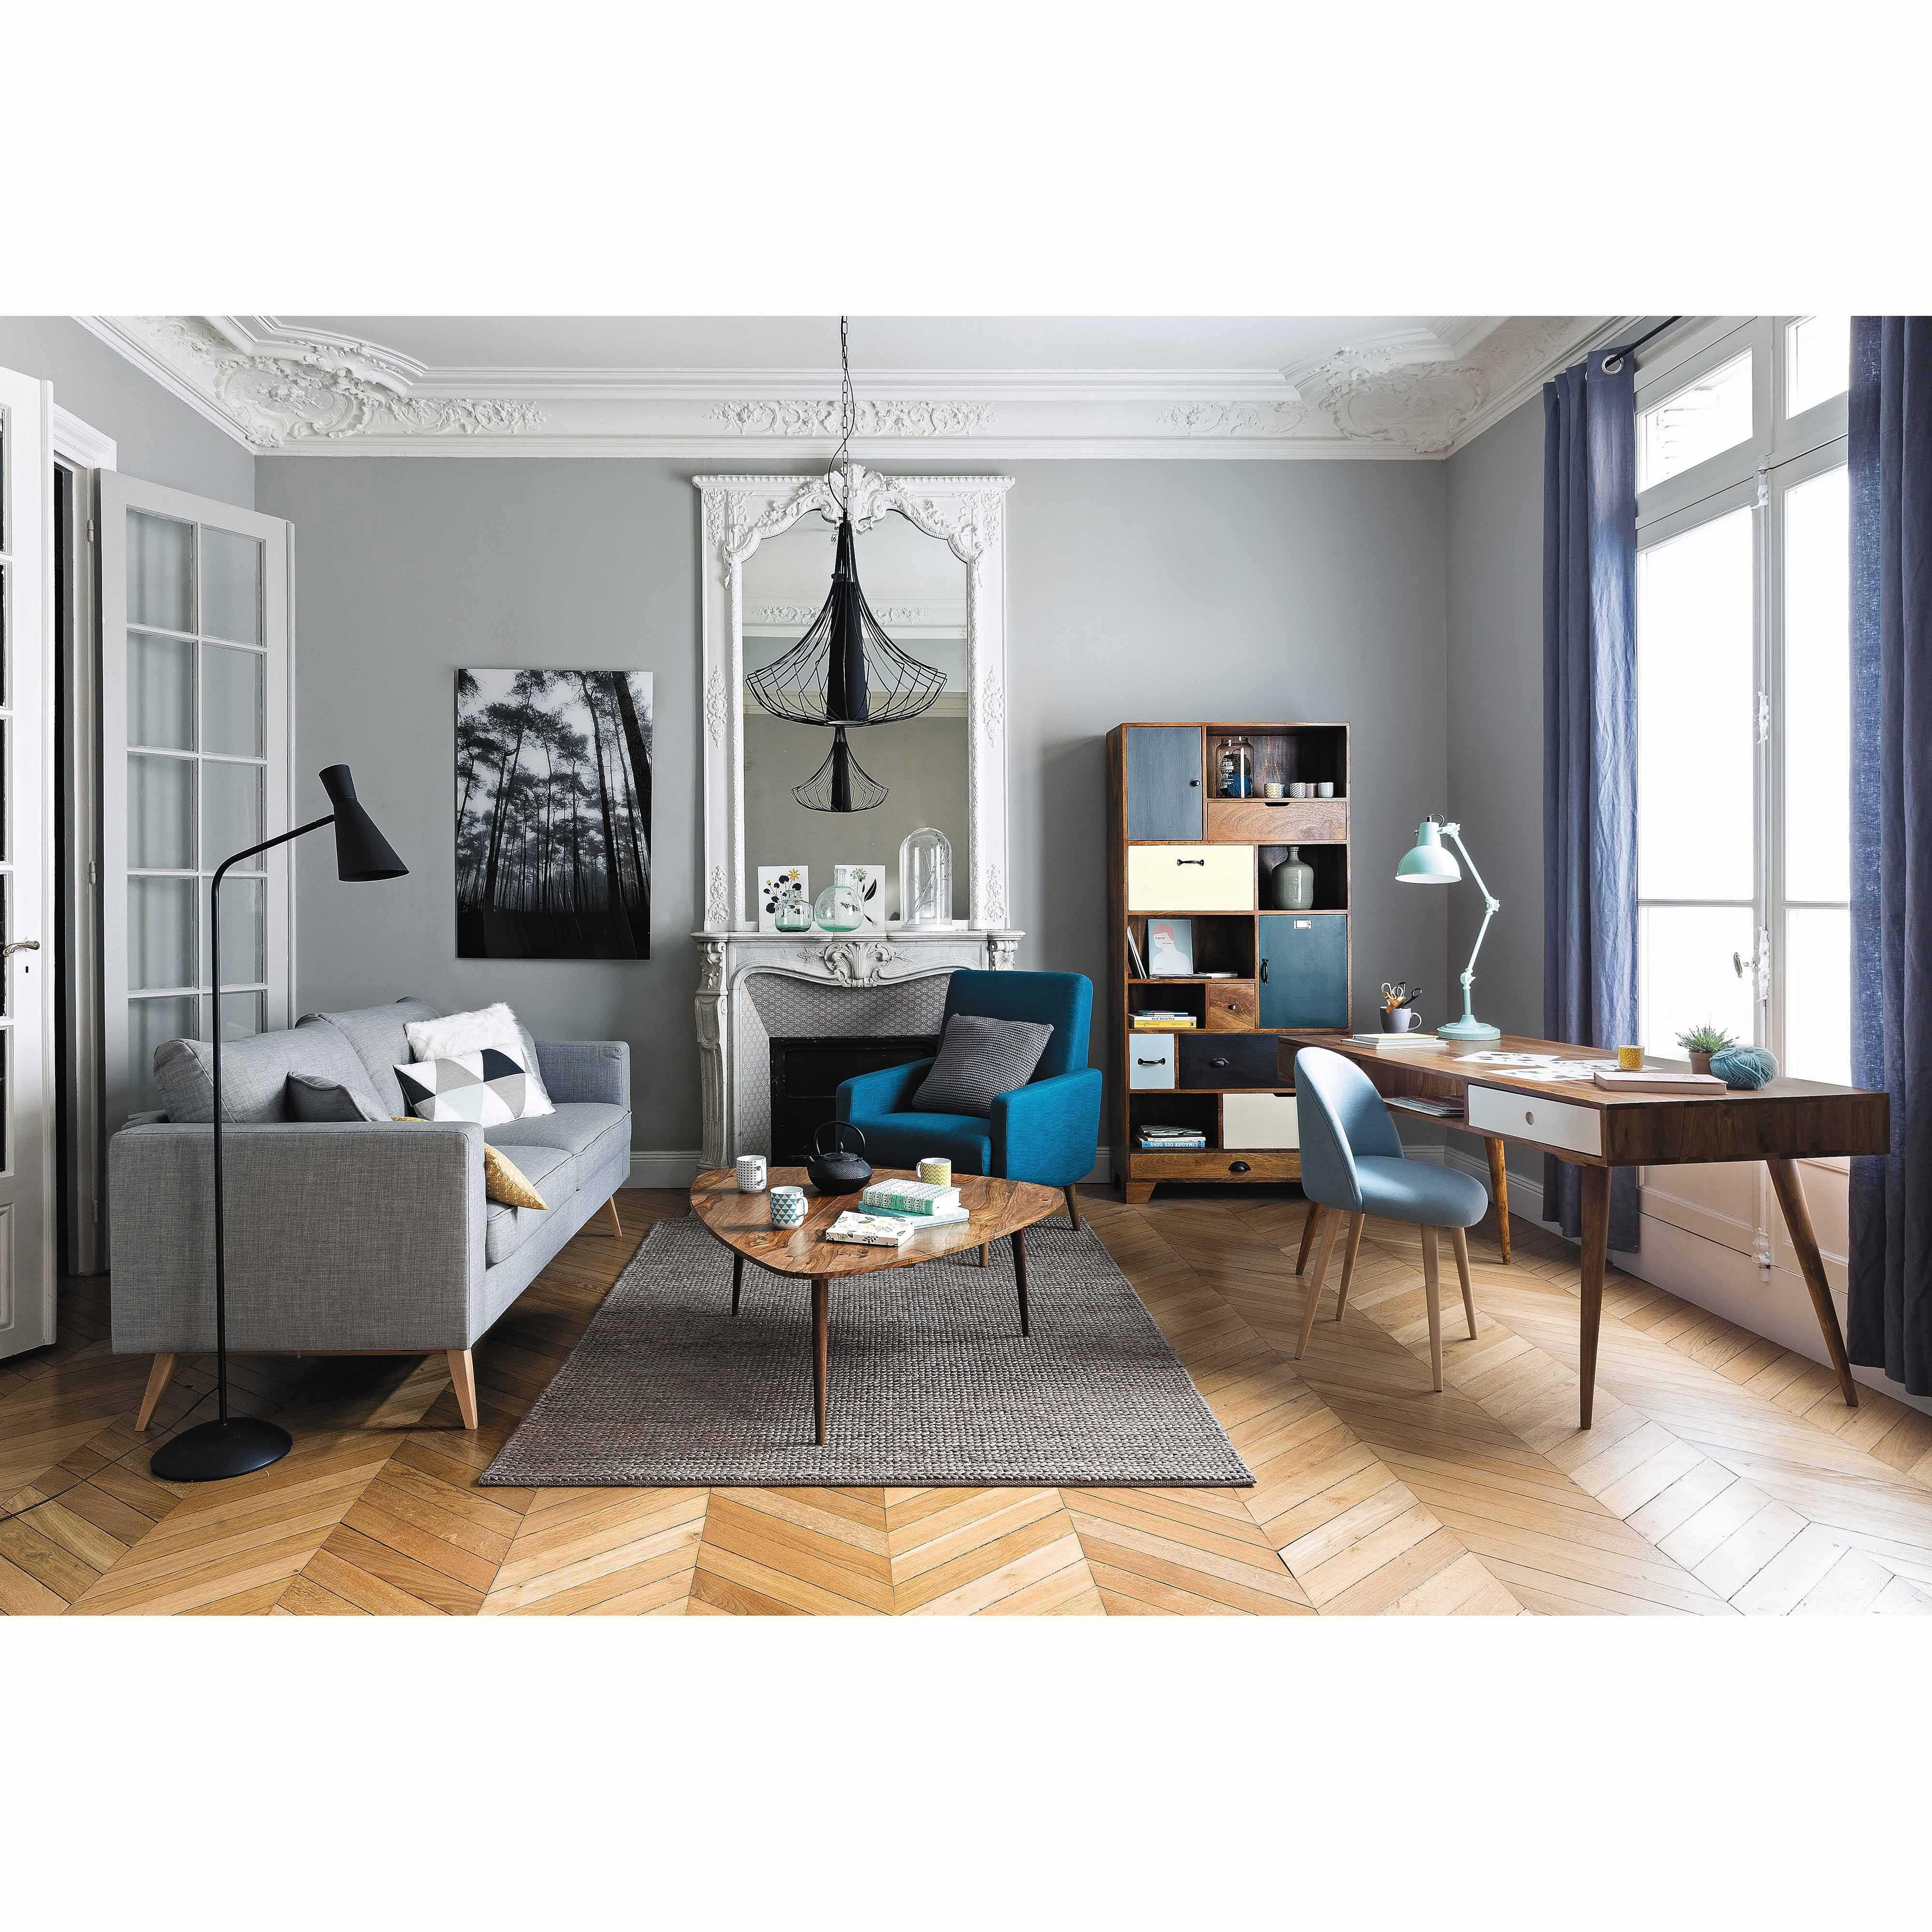 canape 3 places en tissu gris clair brooke maisons du monde deco maison idee deco salon deco salon